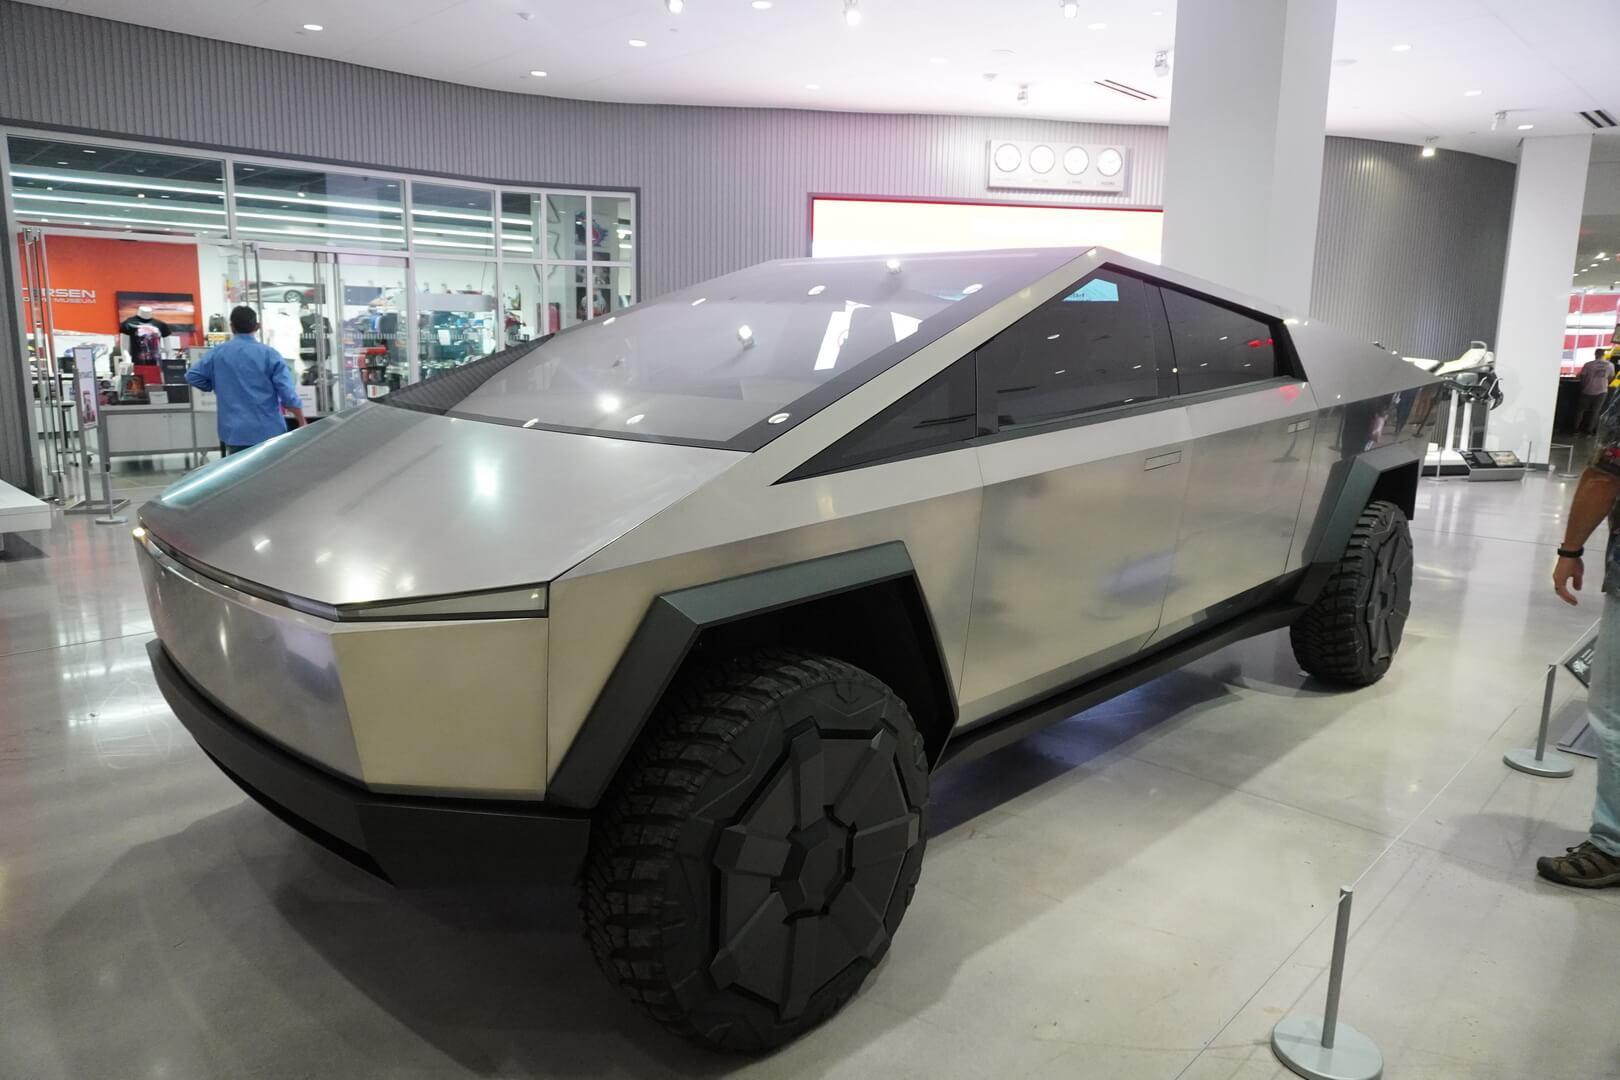 Tesla Cybertruck стал экспонатом Автомобильного музея Петерсена в Лос-Анджелесе